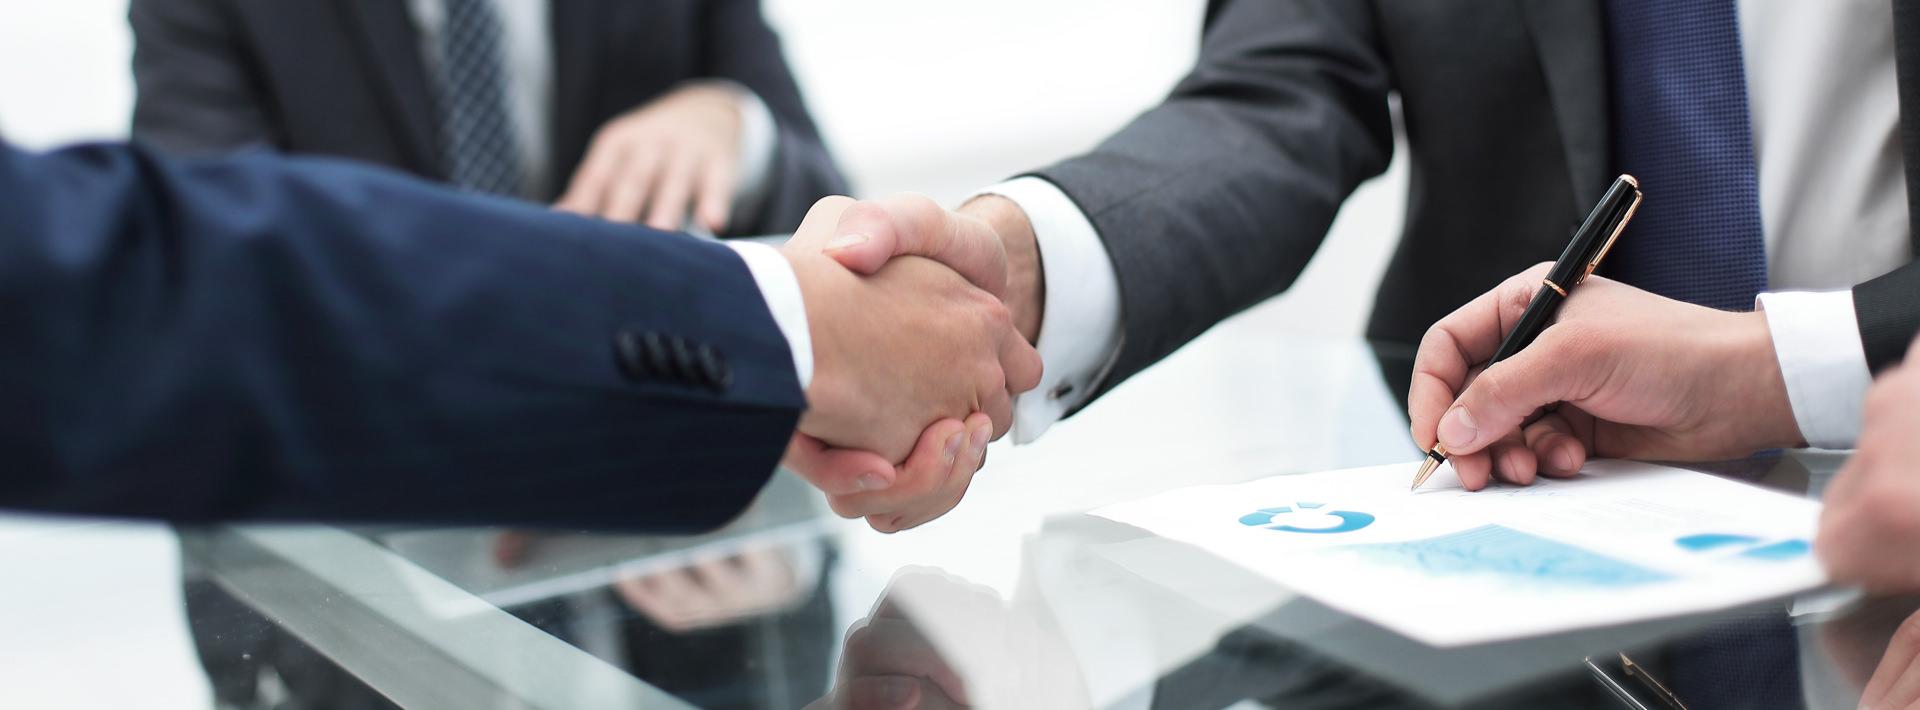 Image en-tête - Appels de contrats